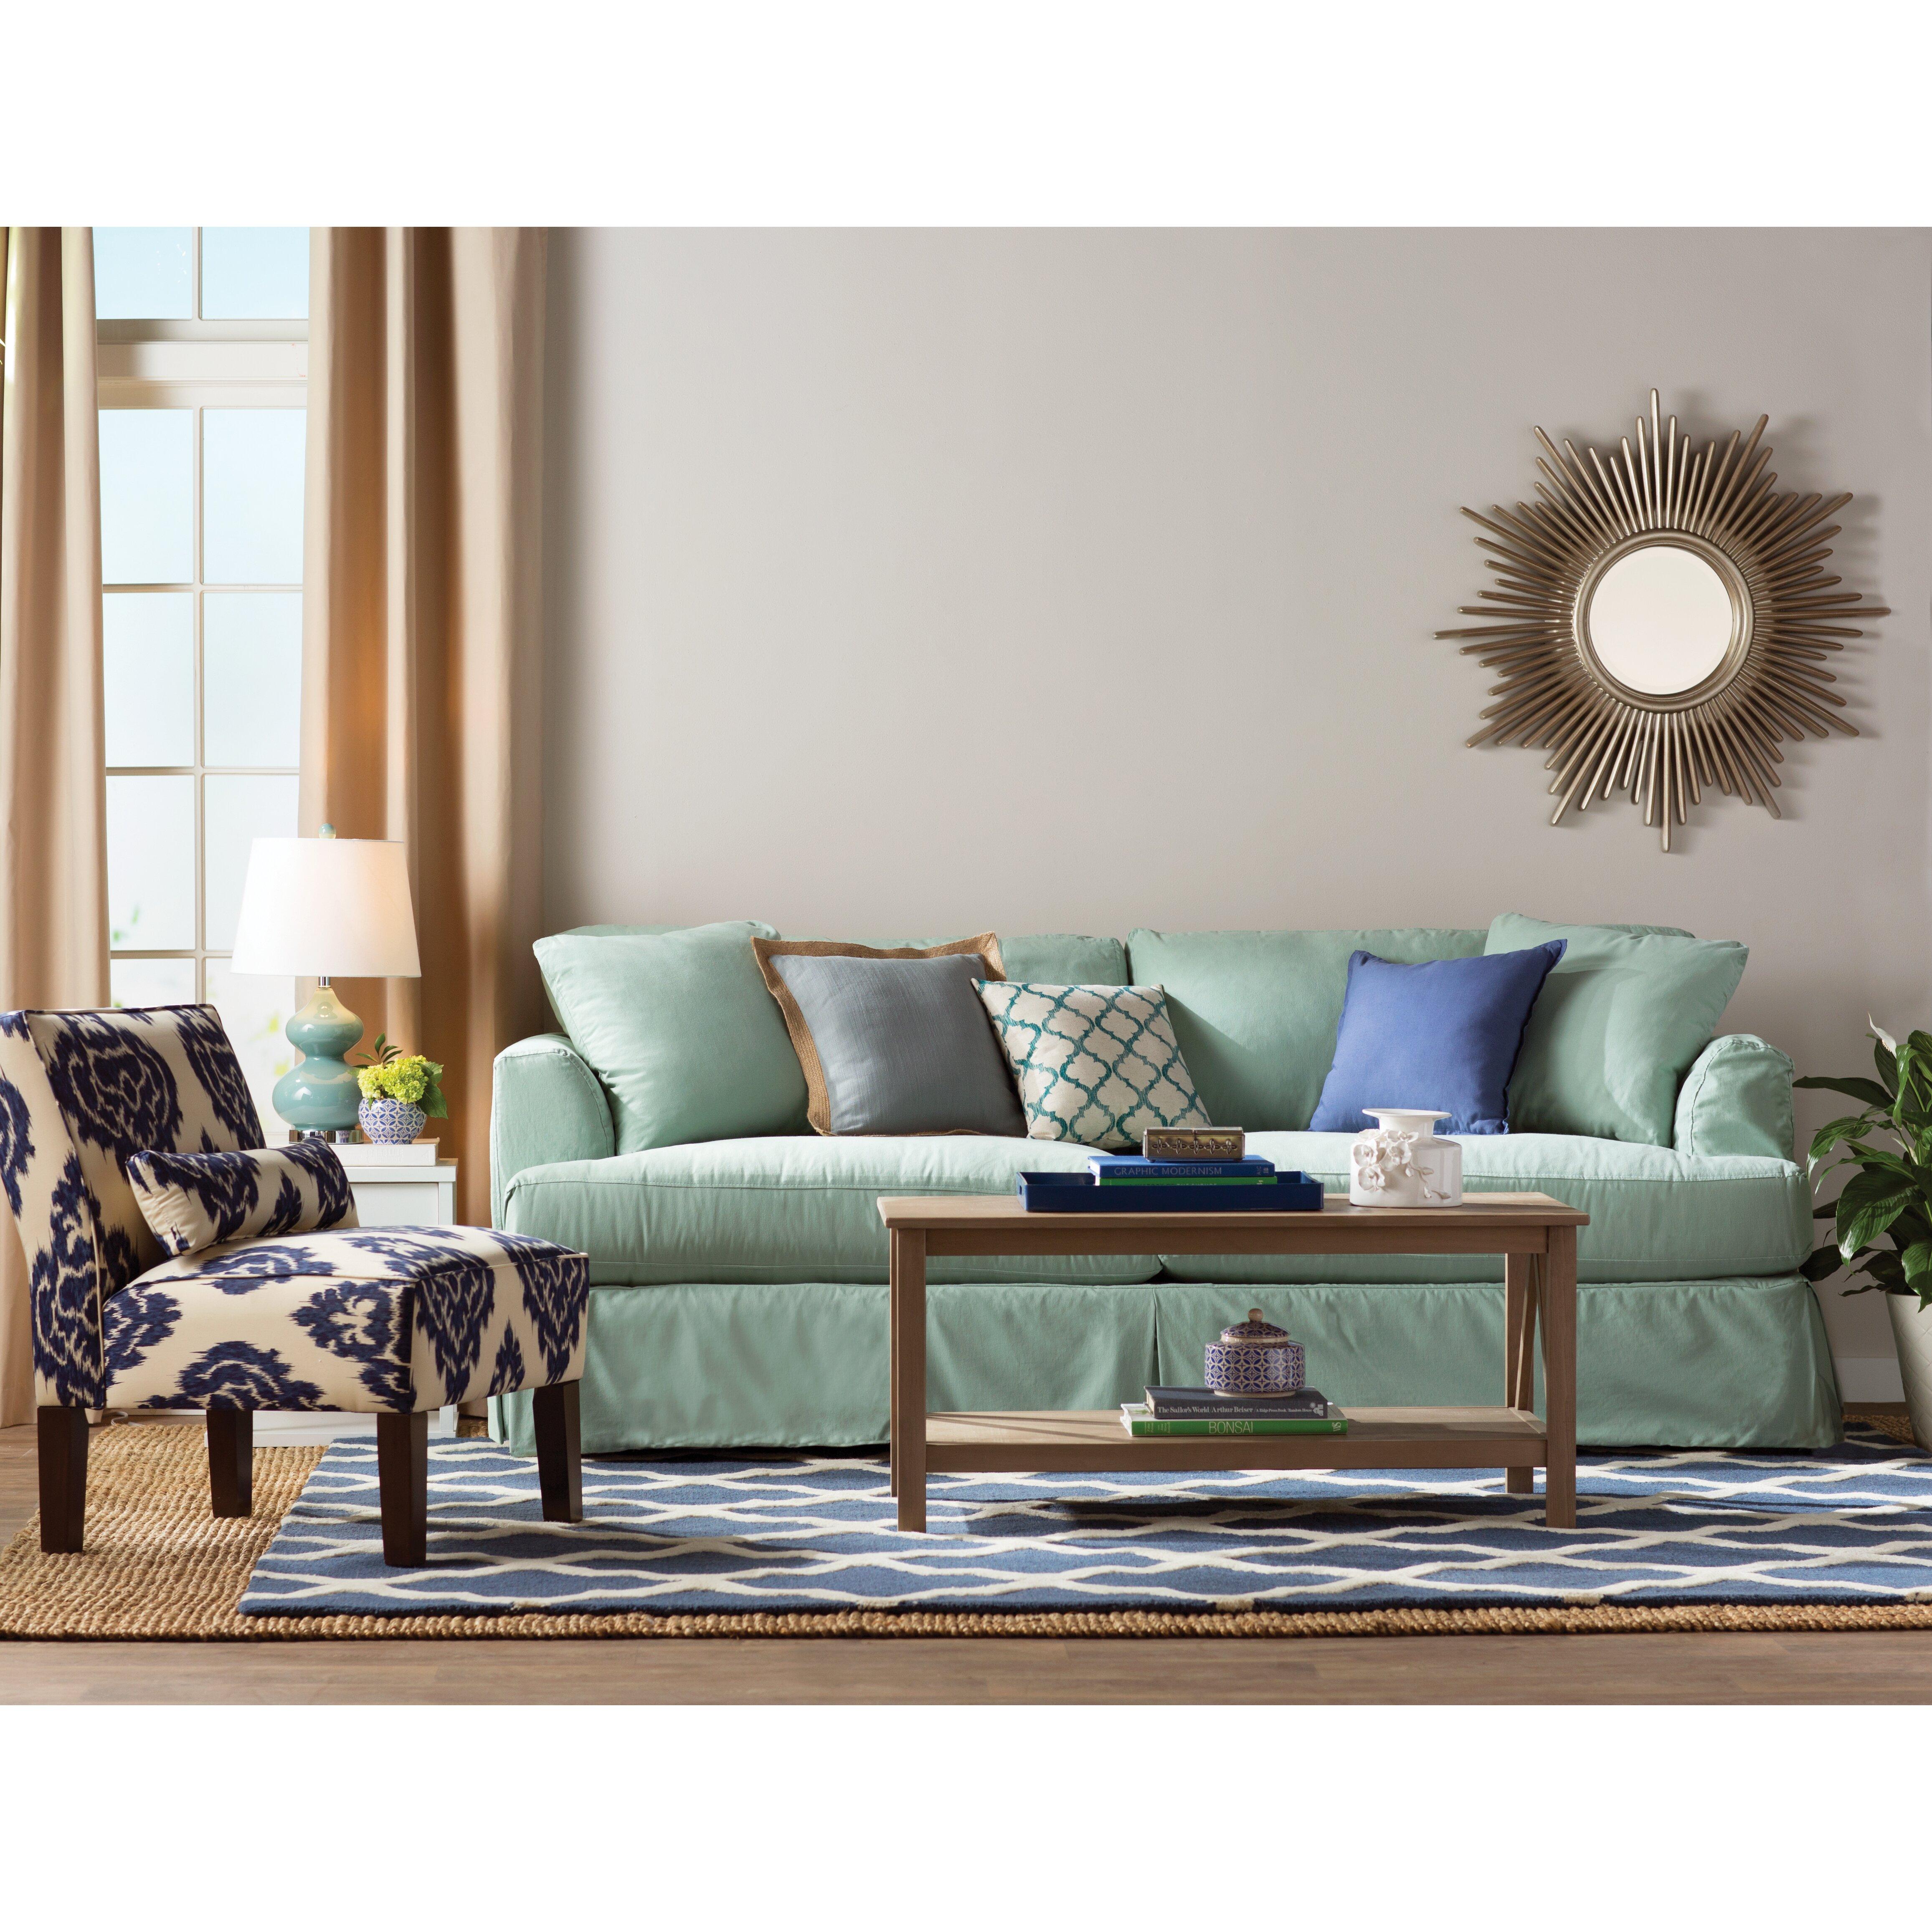 Navy Rug Living Room Varick Gallery Martins Lattice Navy Blue Ivory Area Rug Reviews